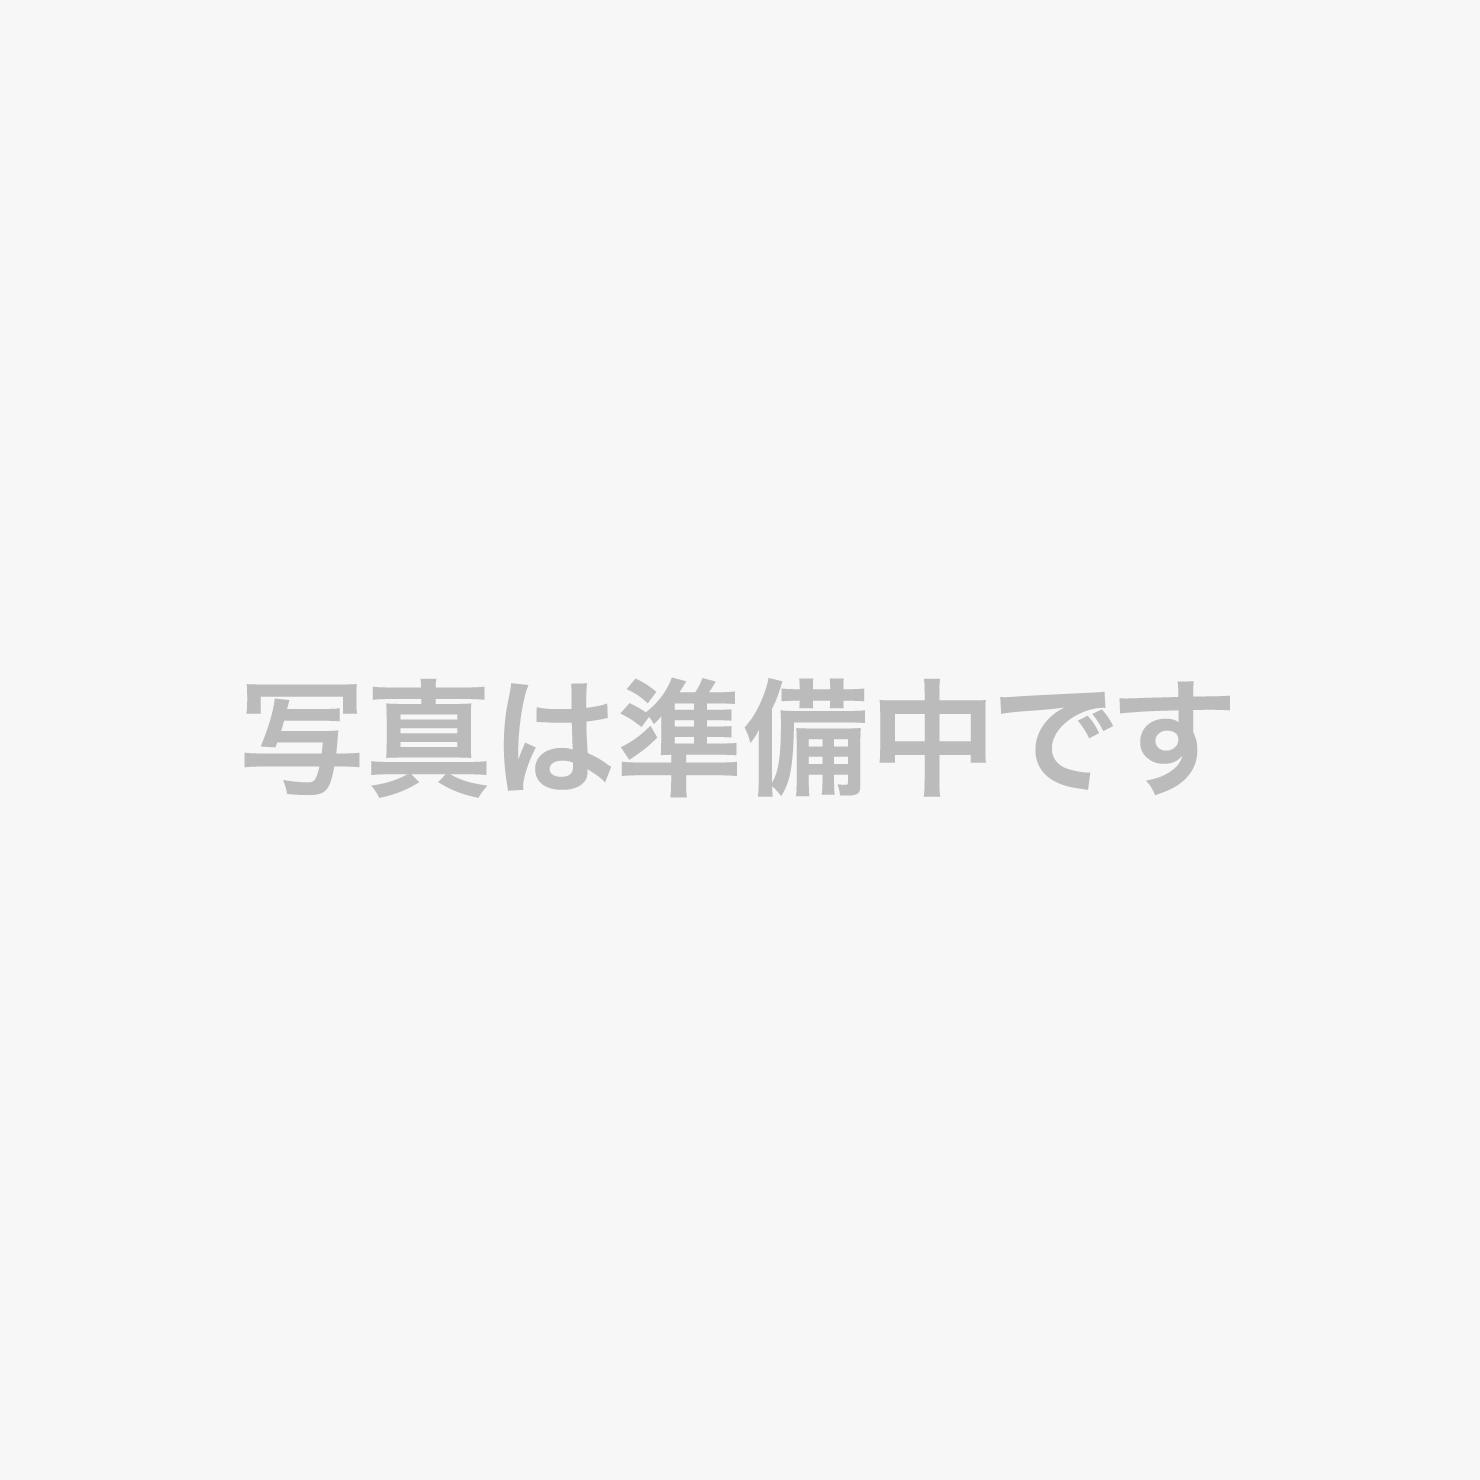 - ホテルベル鐘山 - 富士山周辺のビジネス・観光の拠点にオススメ!